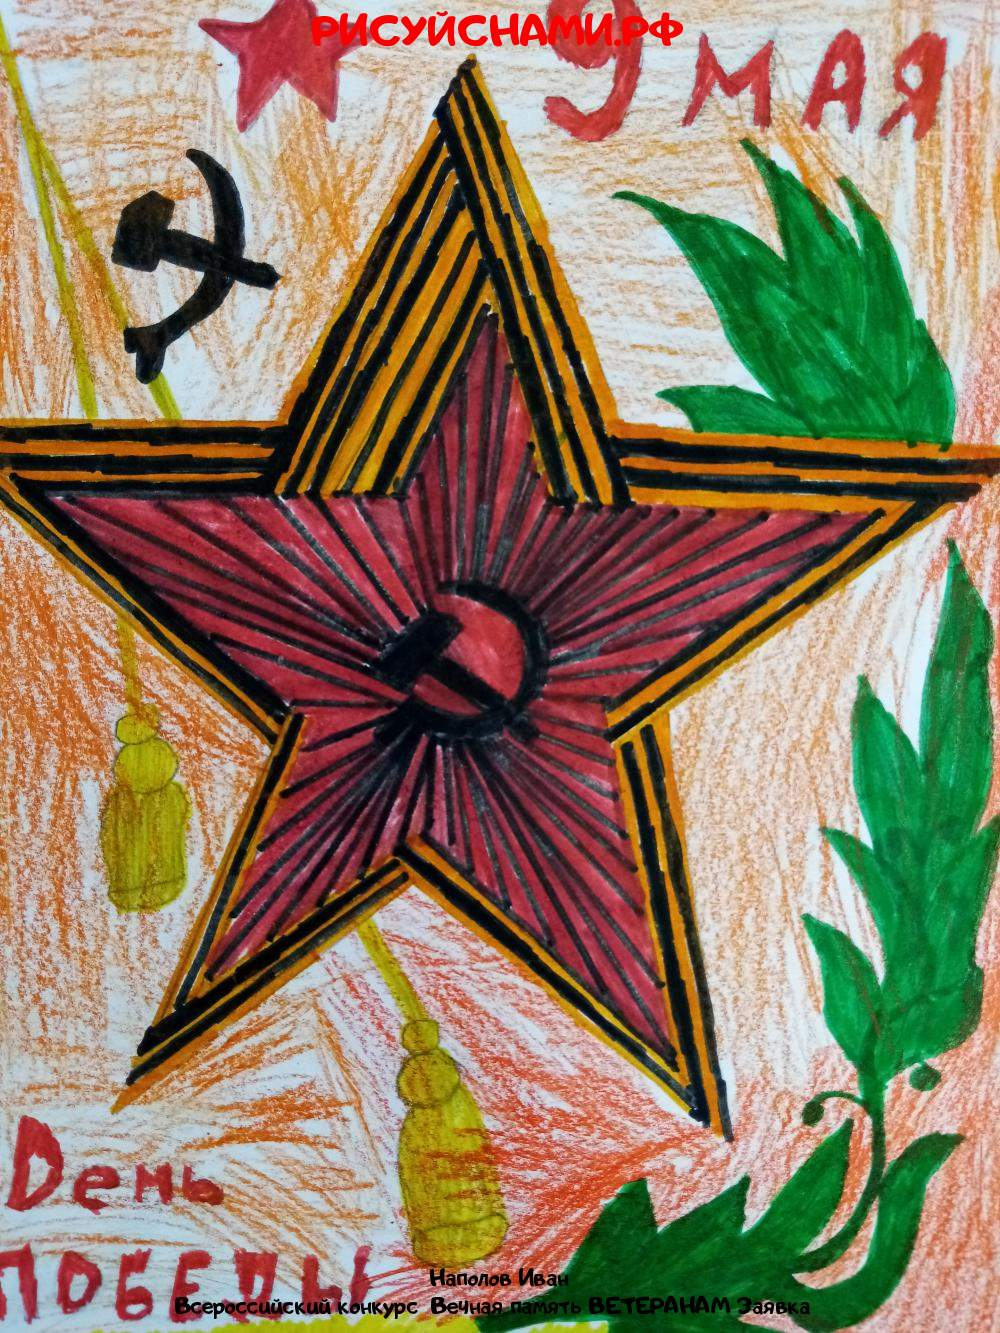 Всероссийский конкурс  Вечная память ВЕТЕРАНАМ Заявка 11726  творческие конкурсы рисунков для школьников и дошкольников рисуй с нами #тмрисуйснами рисунок и поделка - Наполов Иван